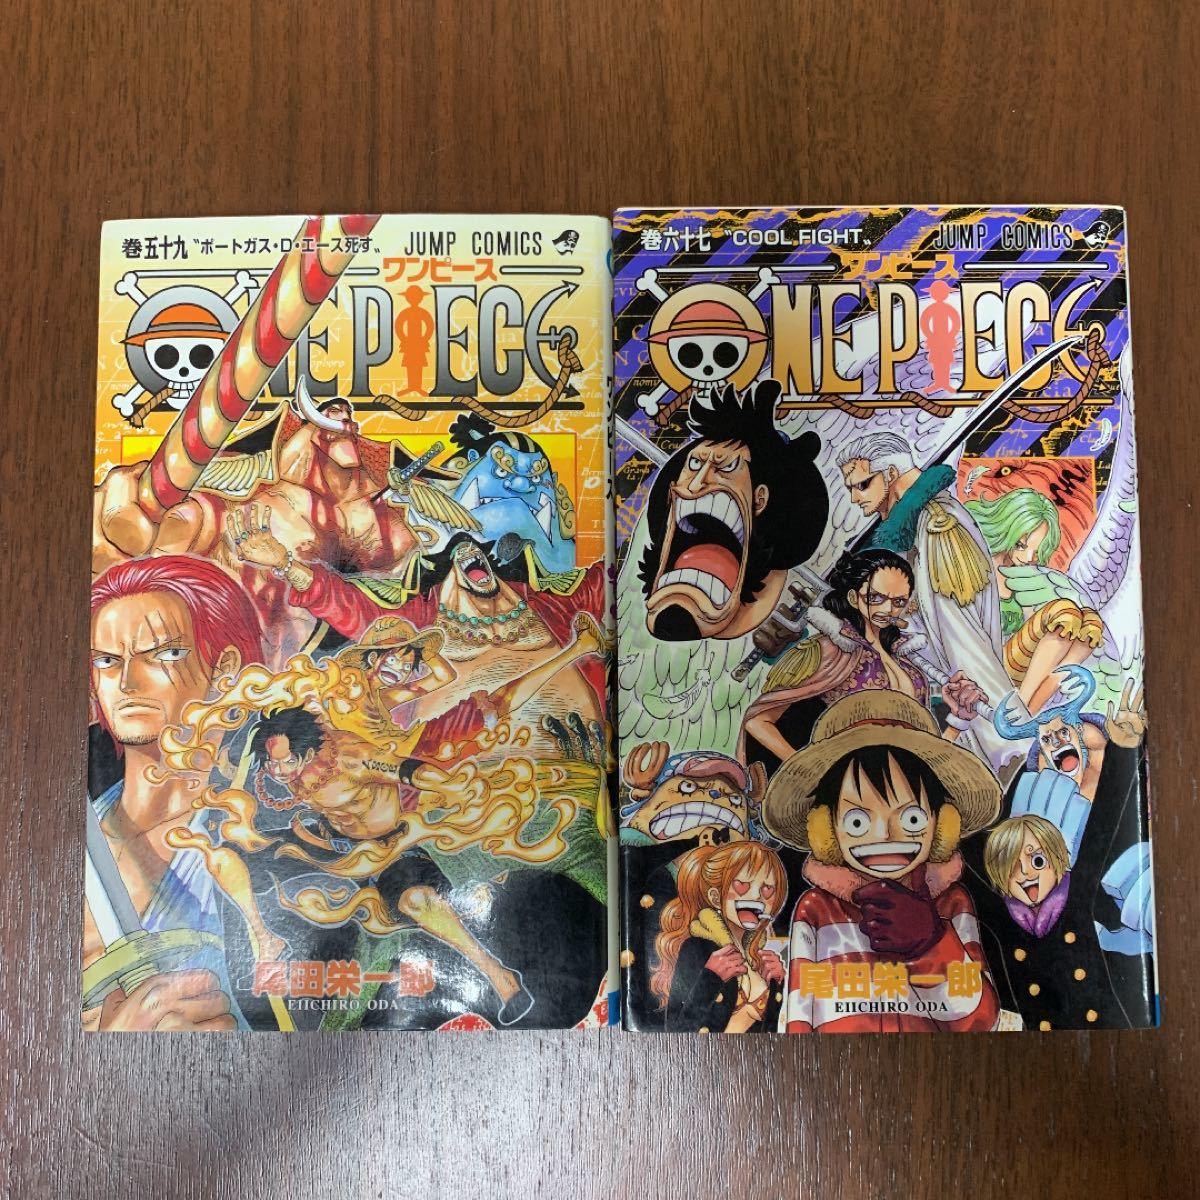 ONE PIECE 巻59 / 巻67 尾田栄一郎 少年ジャンプ ジャンプコミックス ワンピース 漫画 2冊セット